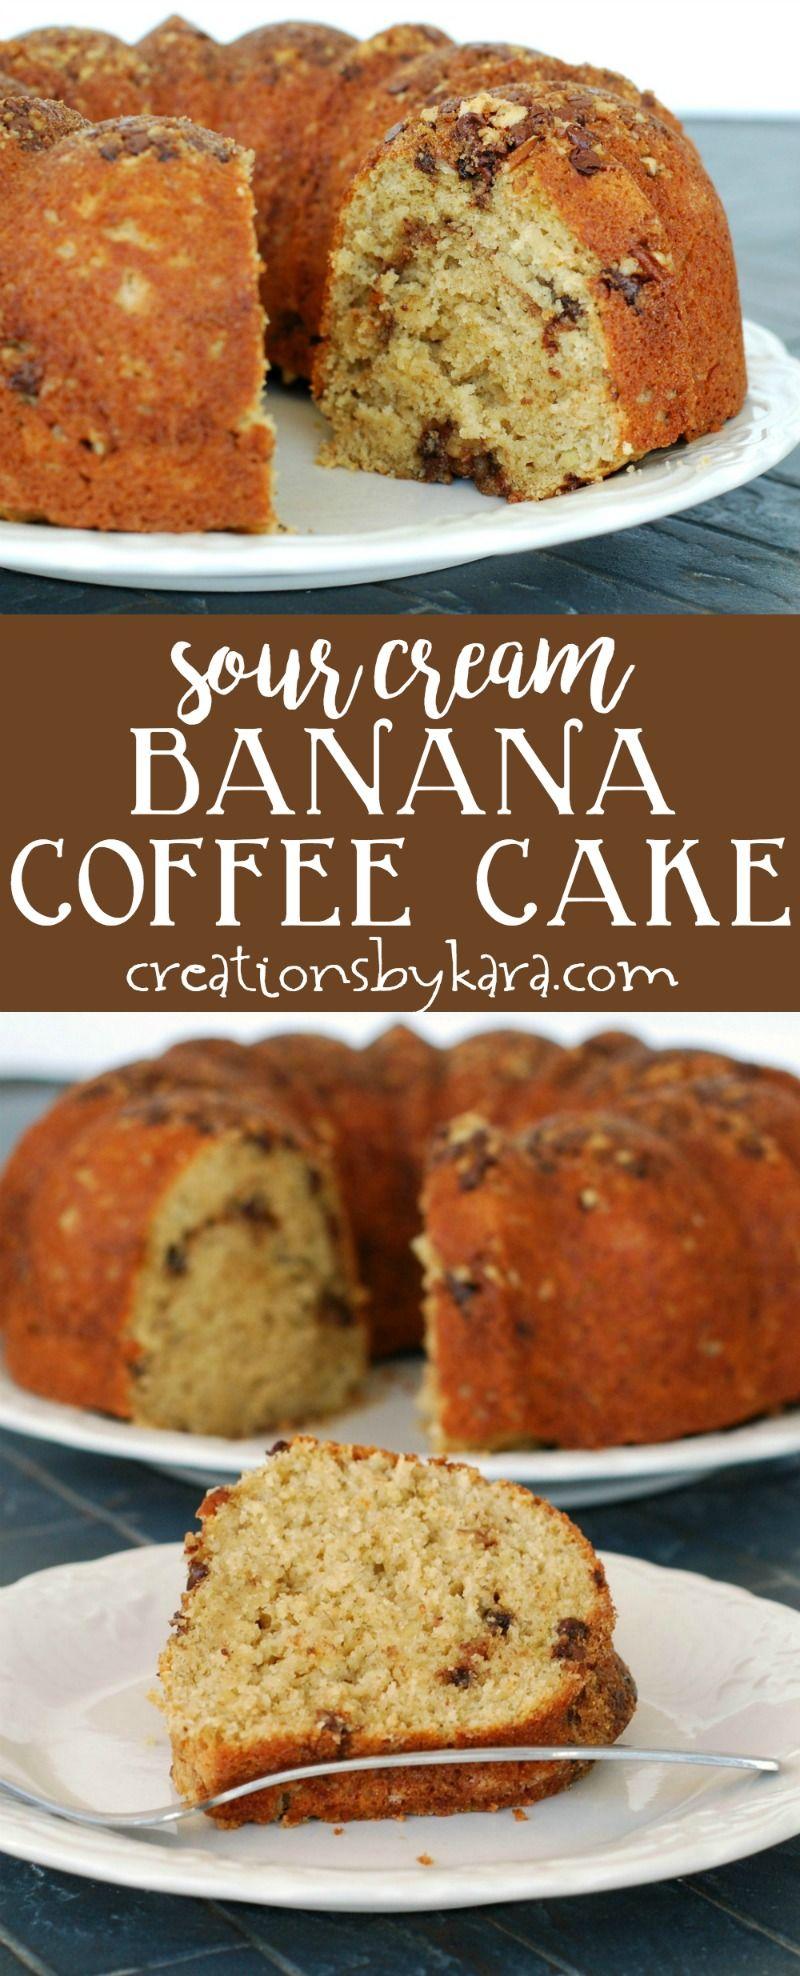 47++ Banana nut cake recipe with sour cream ideas